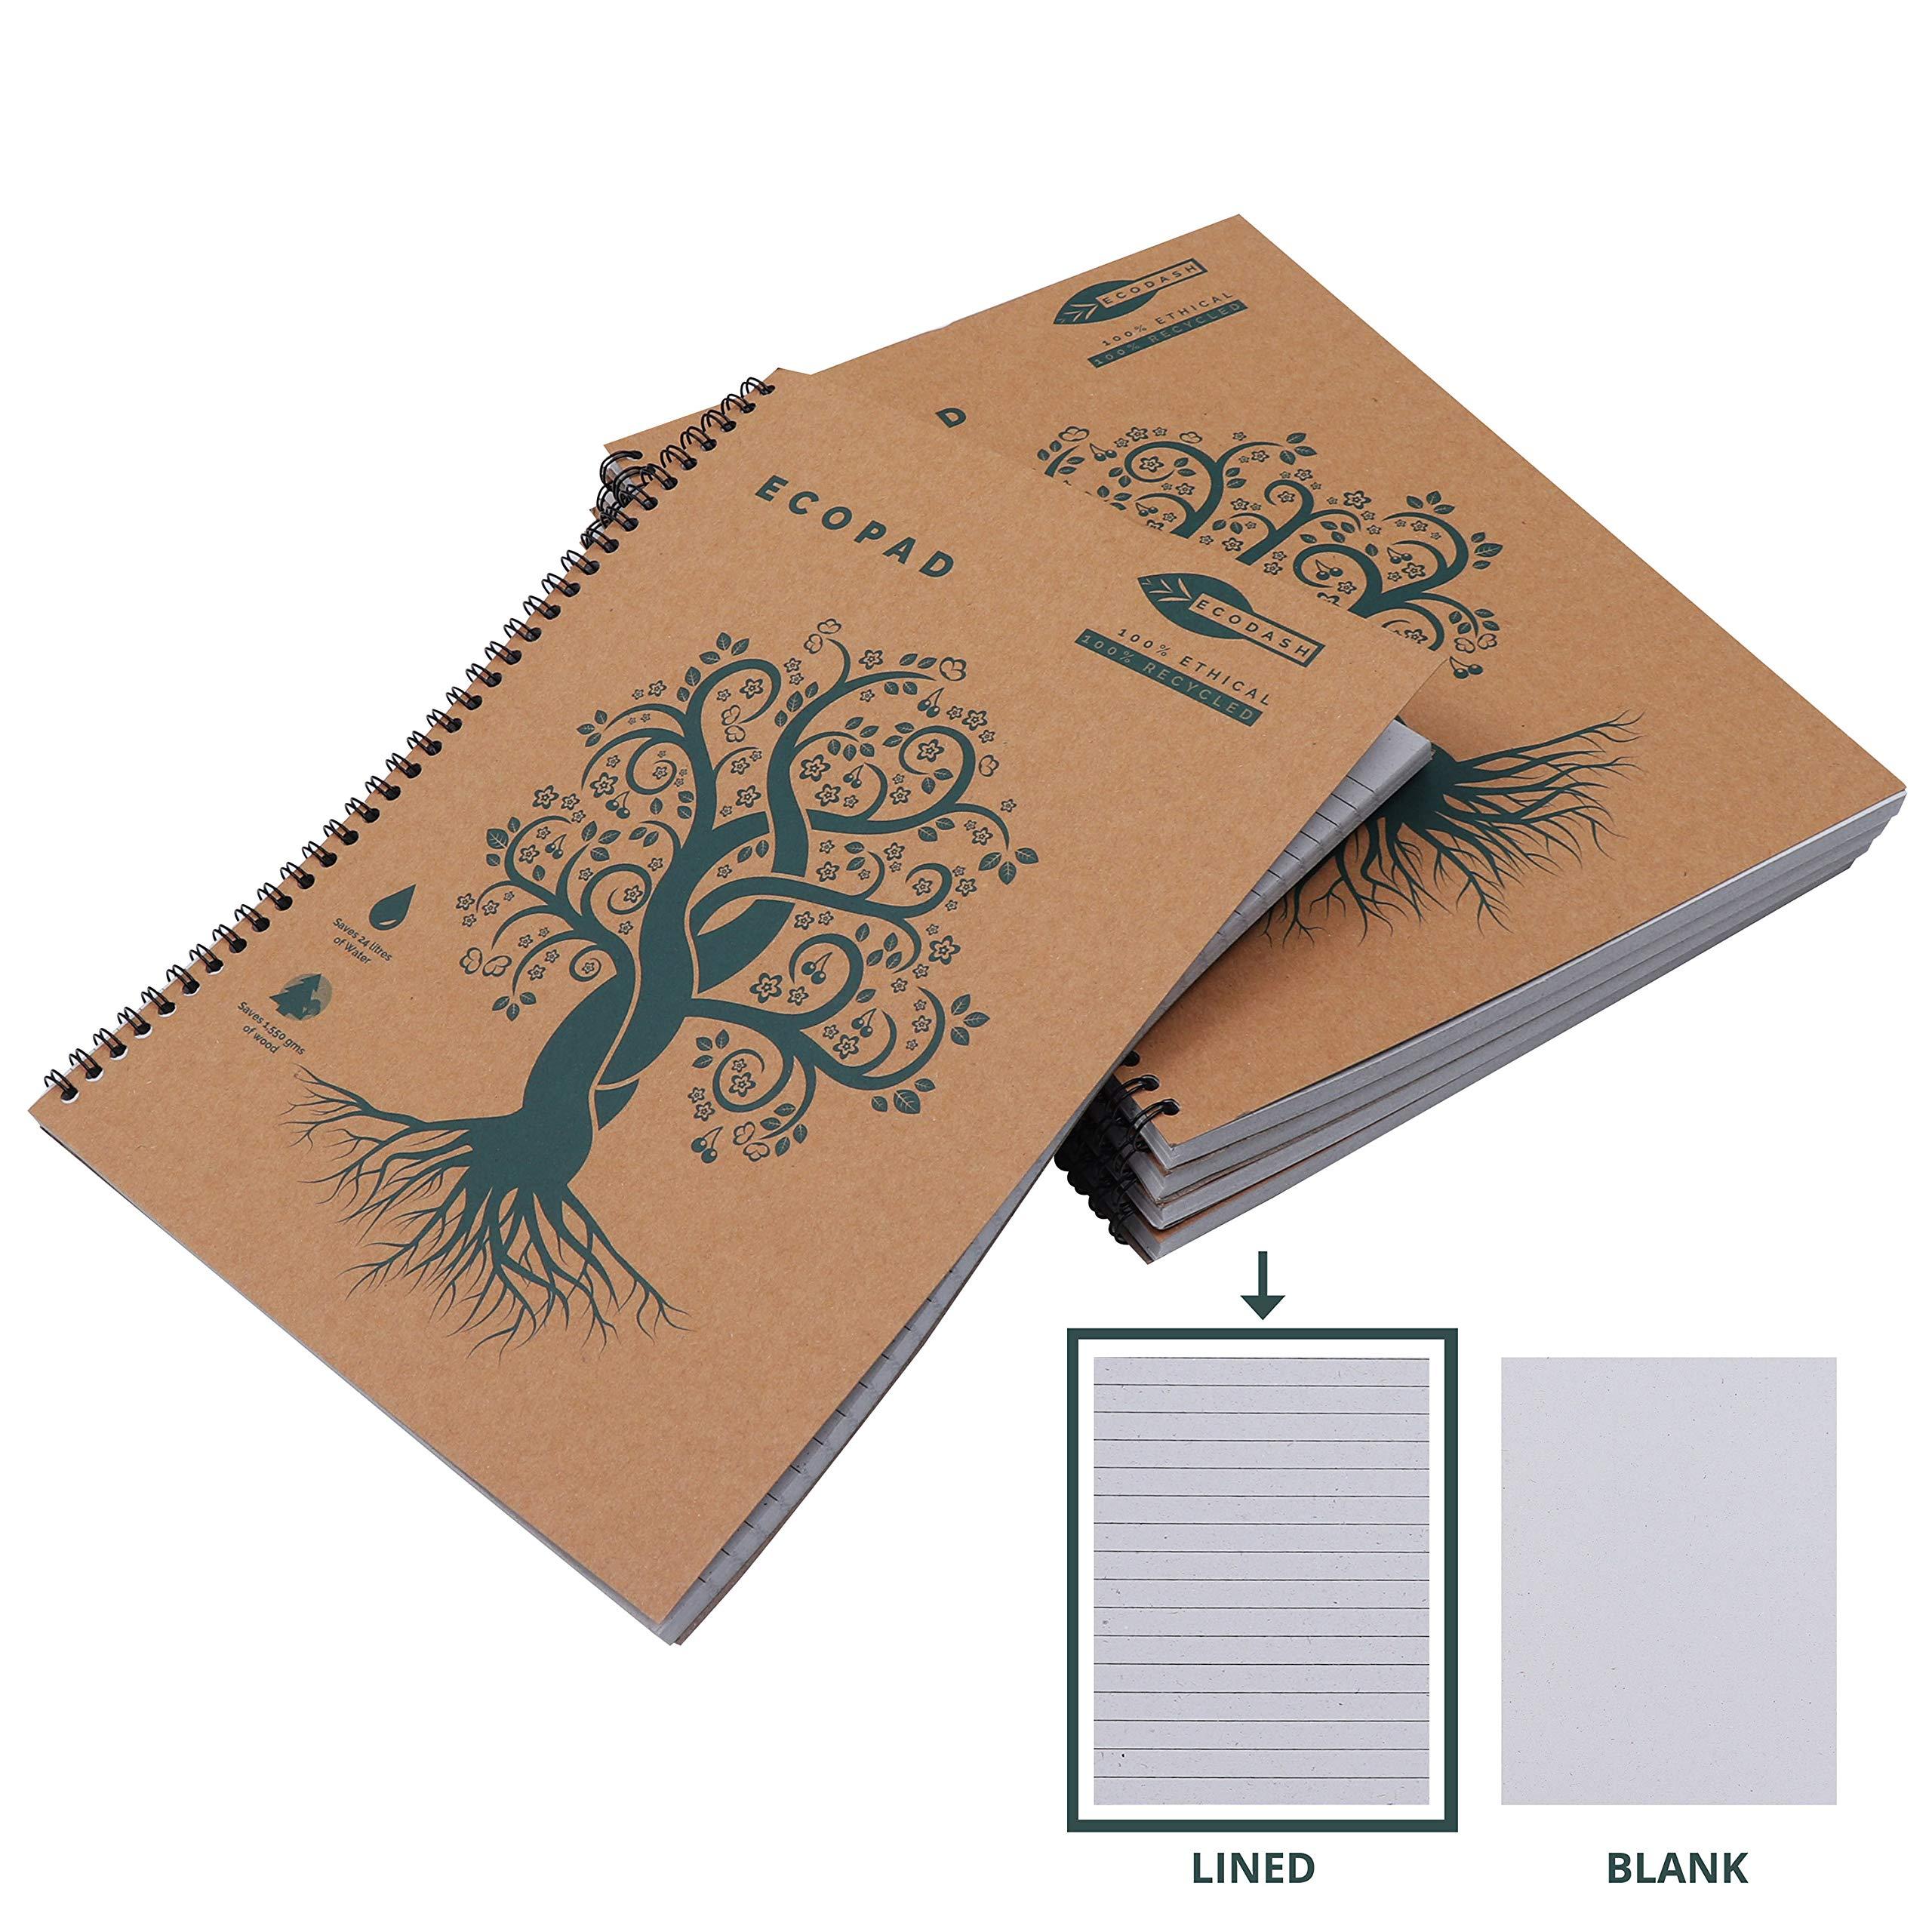 Cuaderno Espiral (Pack de 5) - A4 Cuaderno Papel Reciclado 60GSM ...